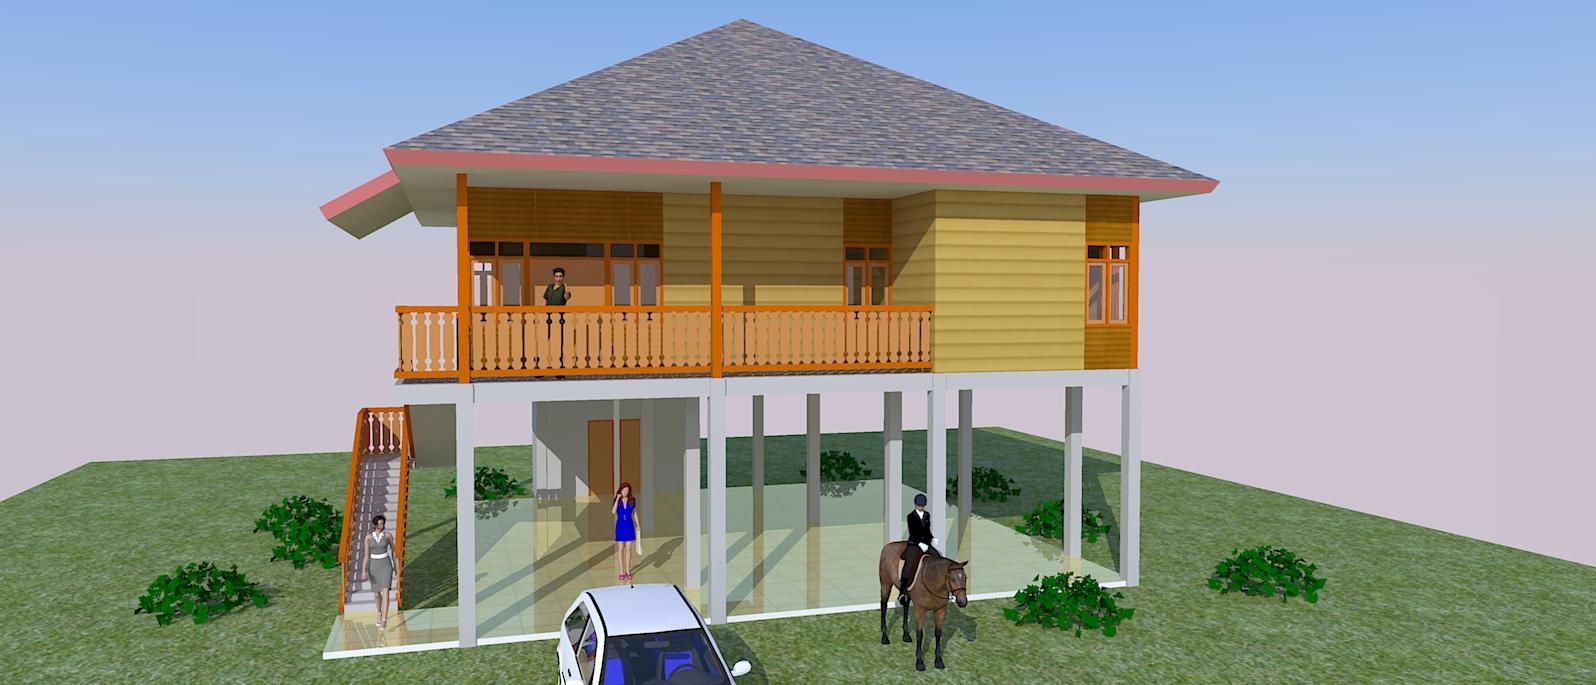 Rumah Kayu Jasa Pembuatan Site Plan